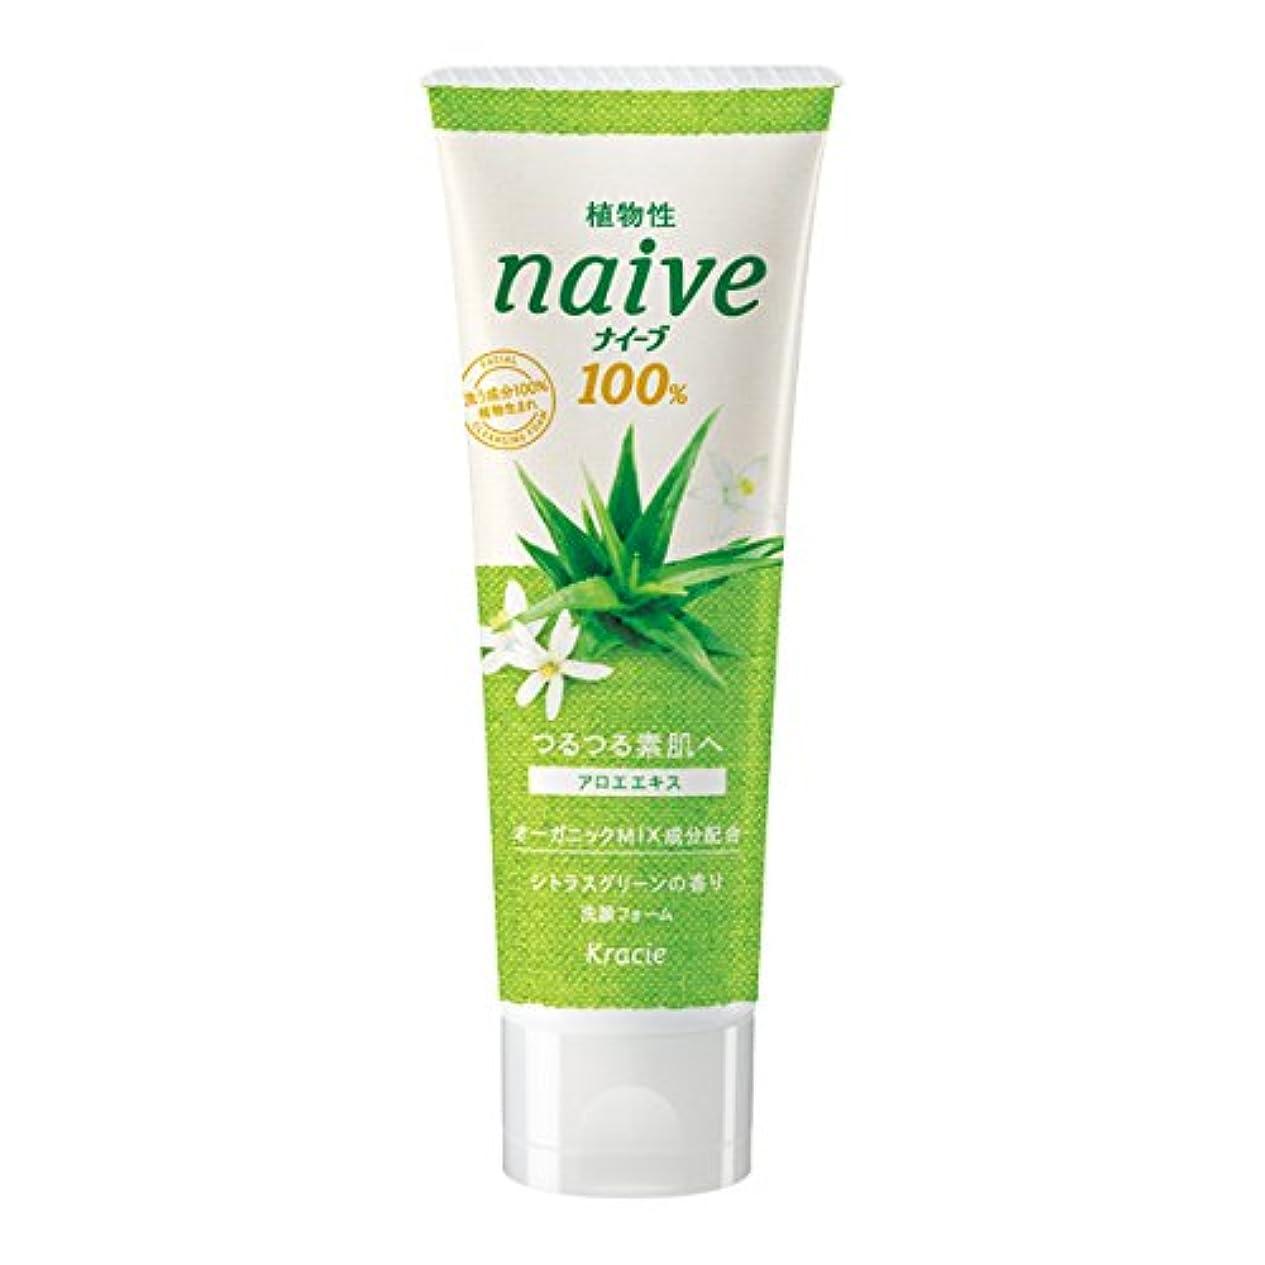 ビールランデブー吸収するナイーブ 洗顔フォーム アロエエキス配合 シトラスグリーンの香り 110g